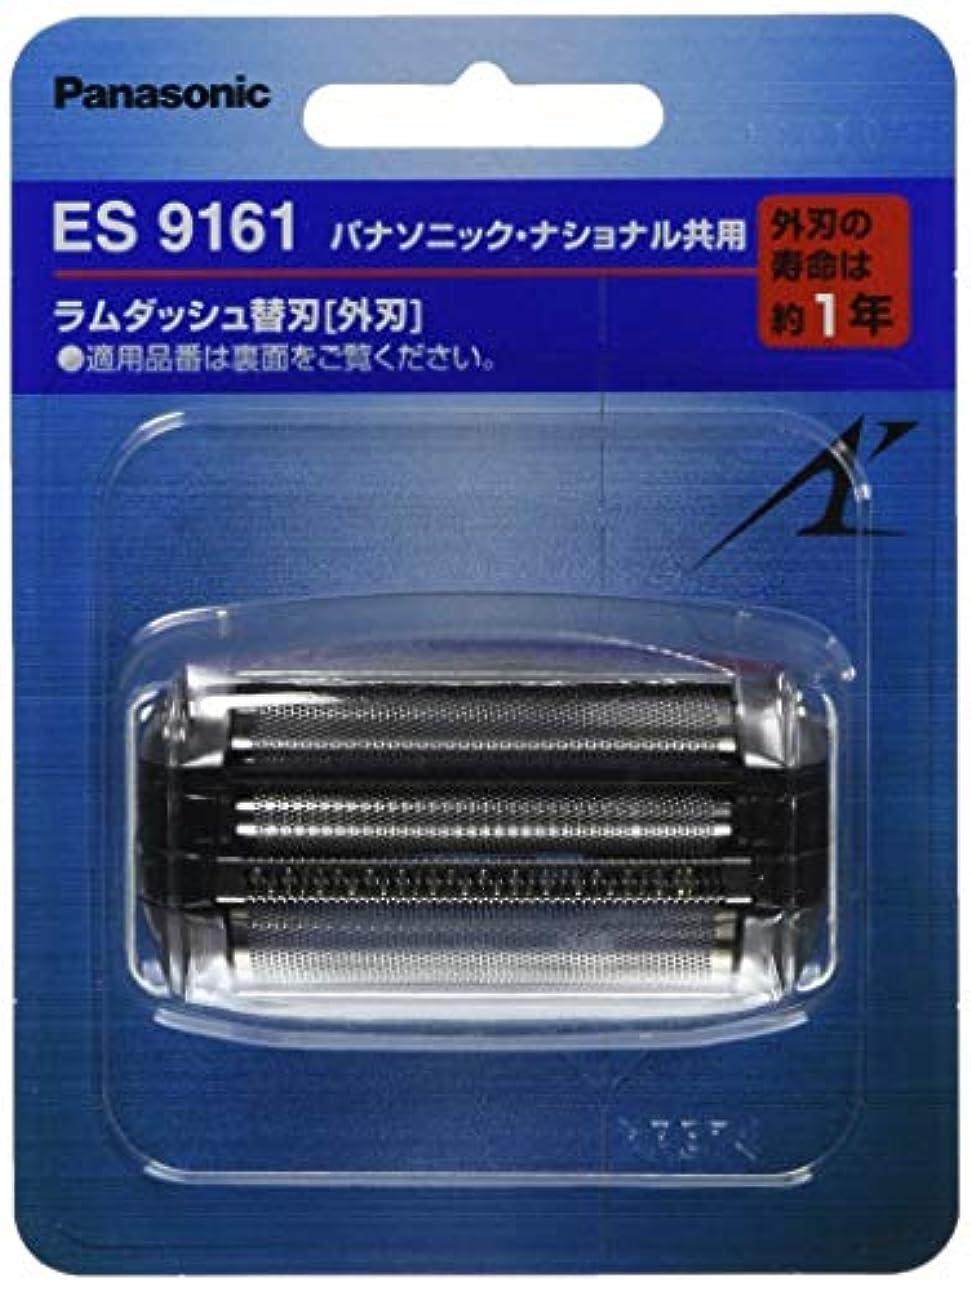 パナソニック 替刃 メンズシェーバー用 外刃 ES9161